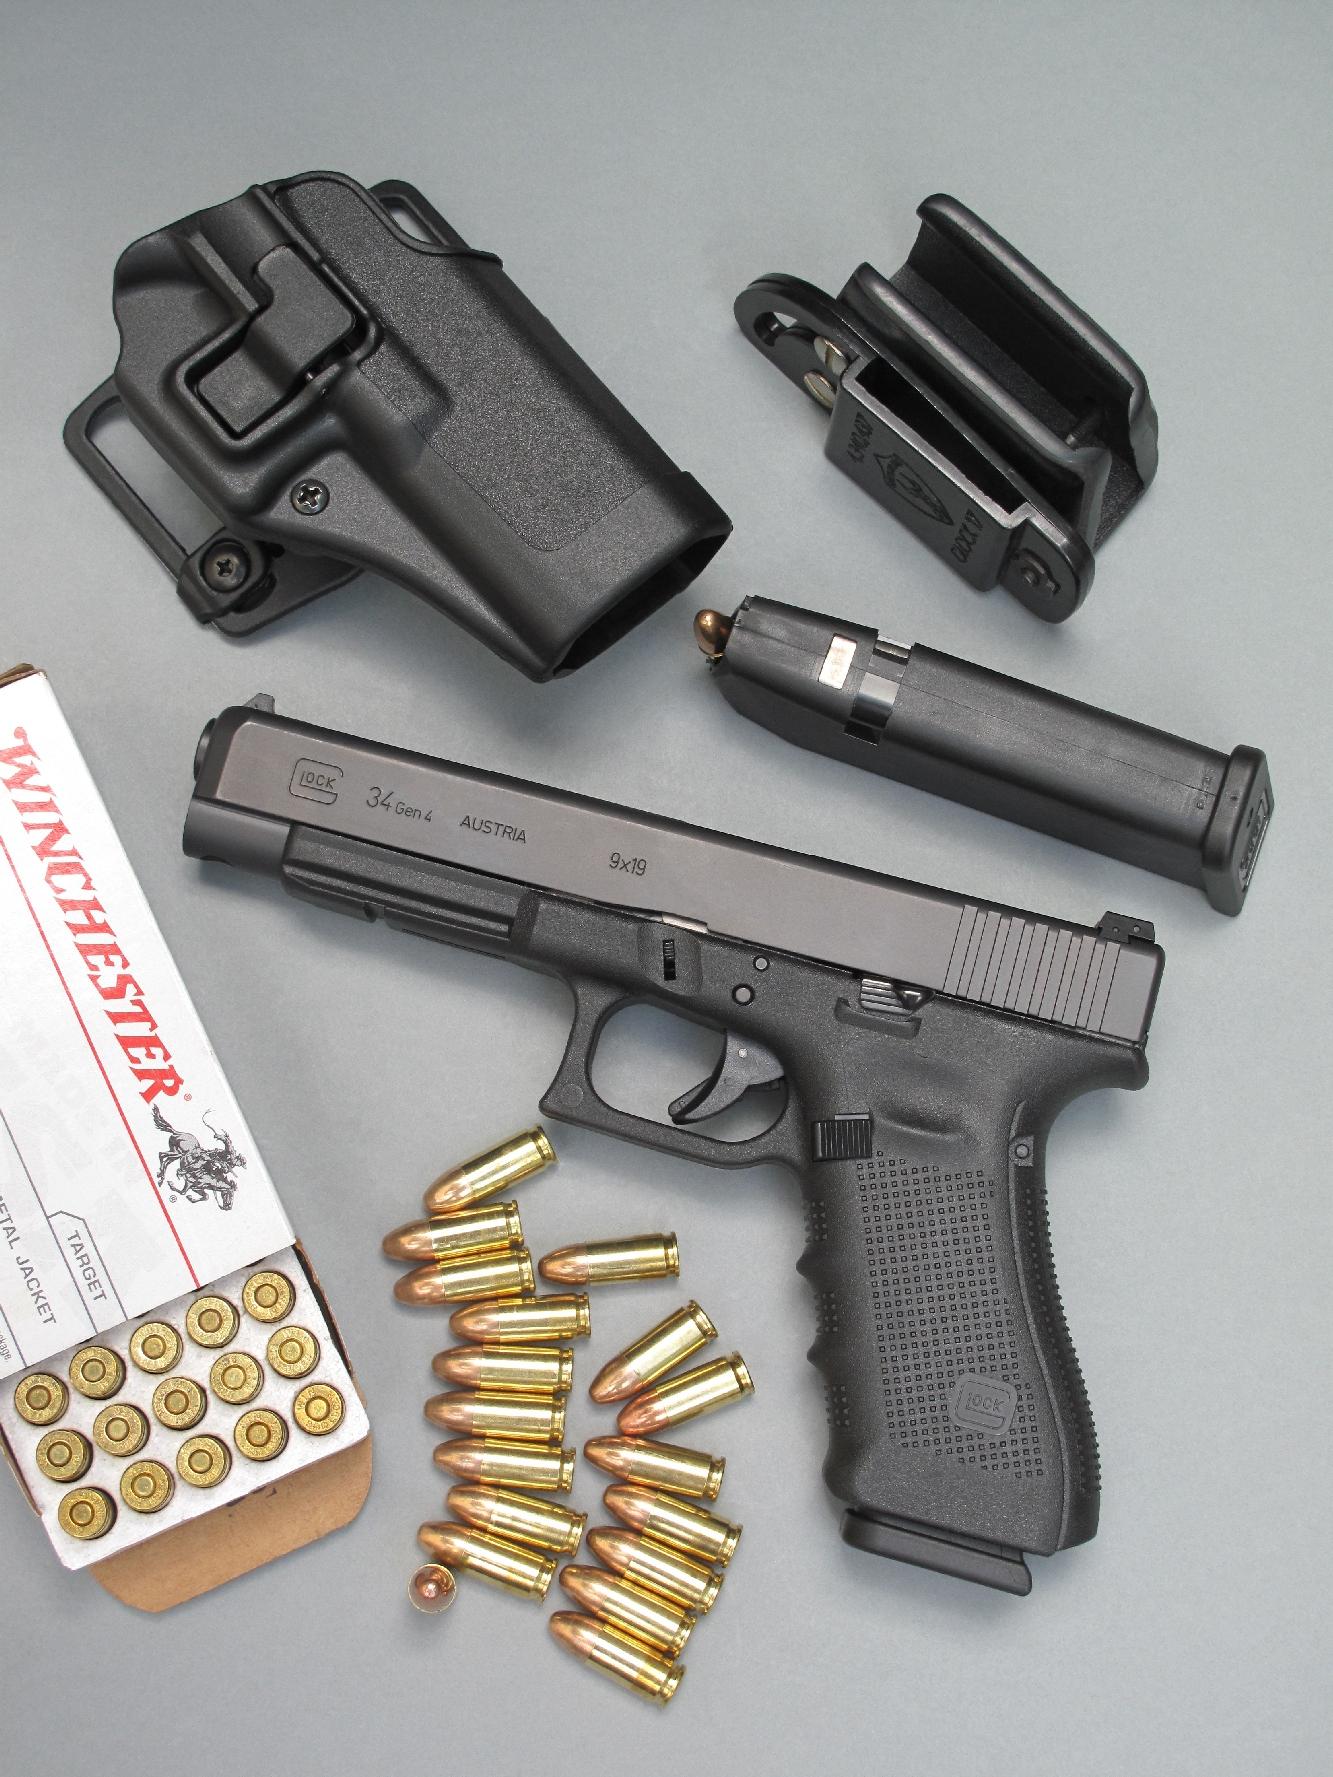 Essai armes pistolet glock mod le 34 gen4 calibre 9 mm parabellum - Arme a feu pas cher ...